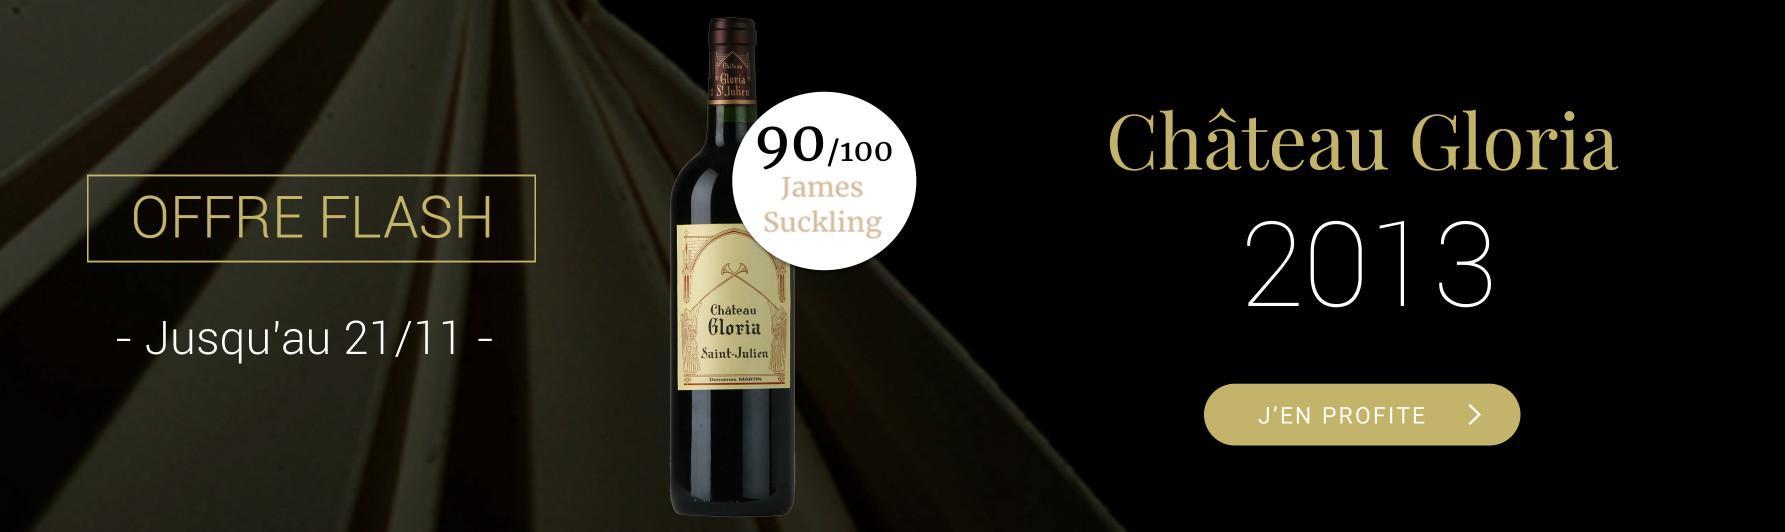 Offre Flash - Château Gloria 2013